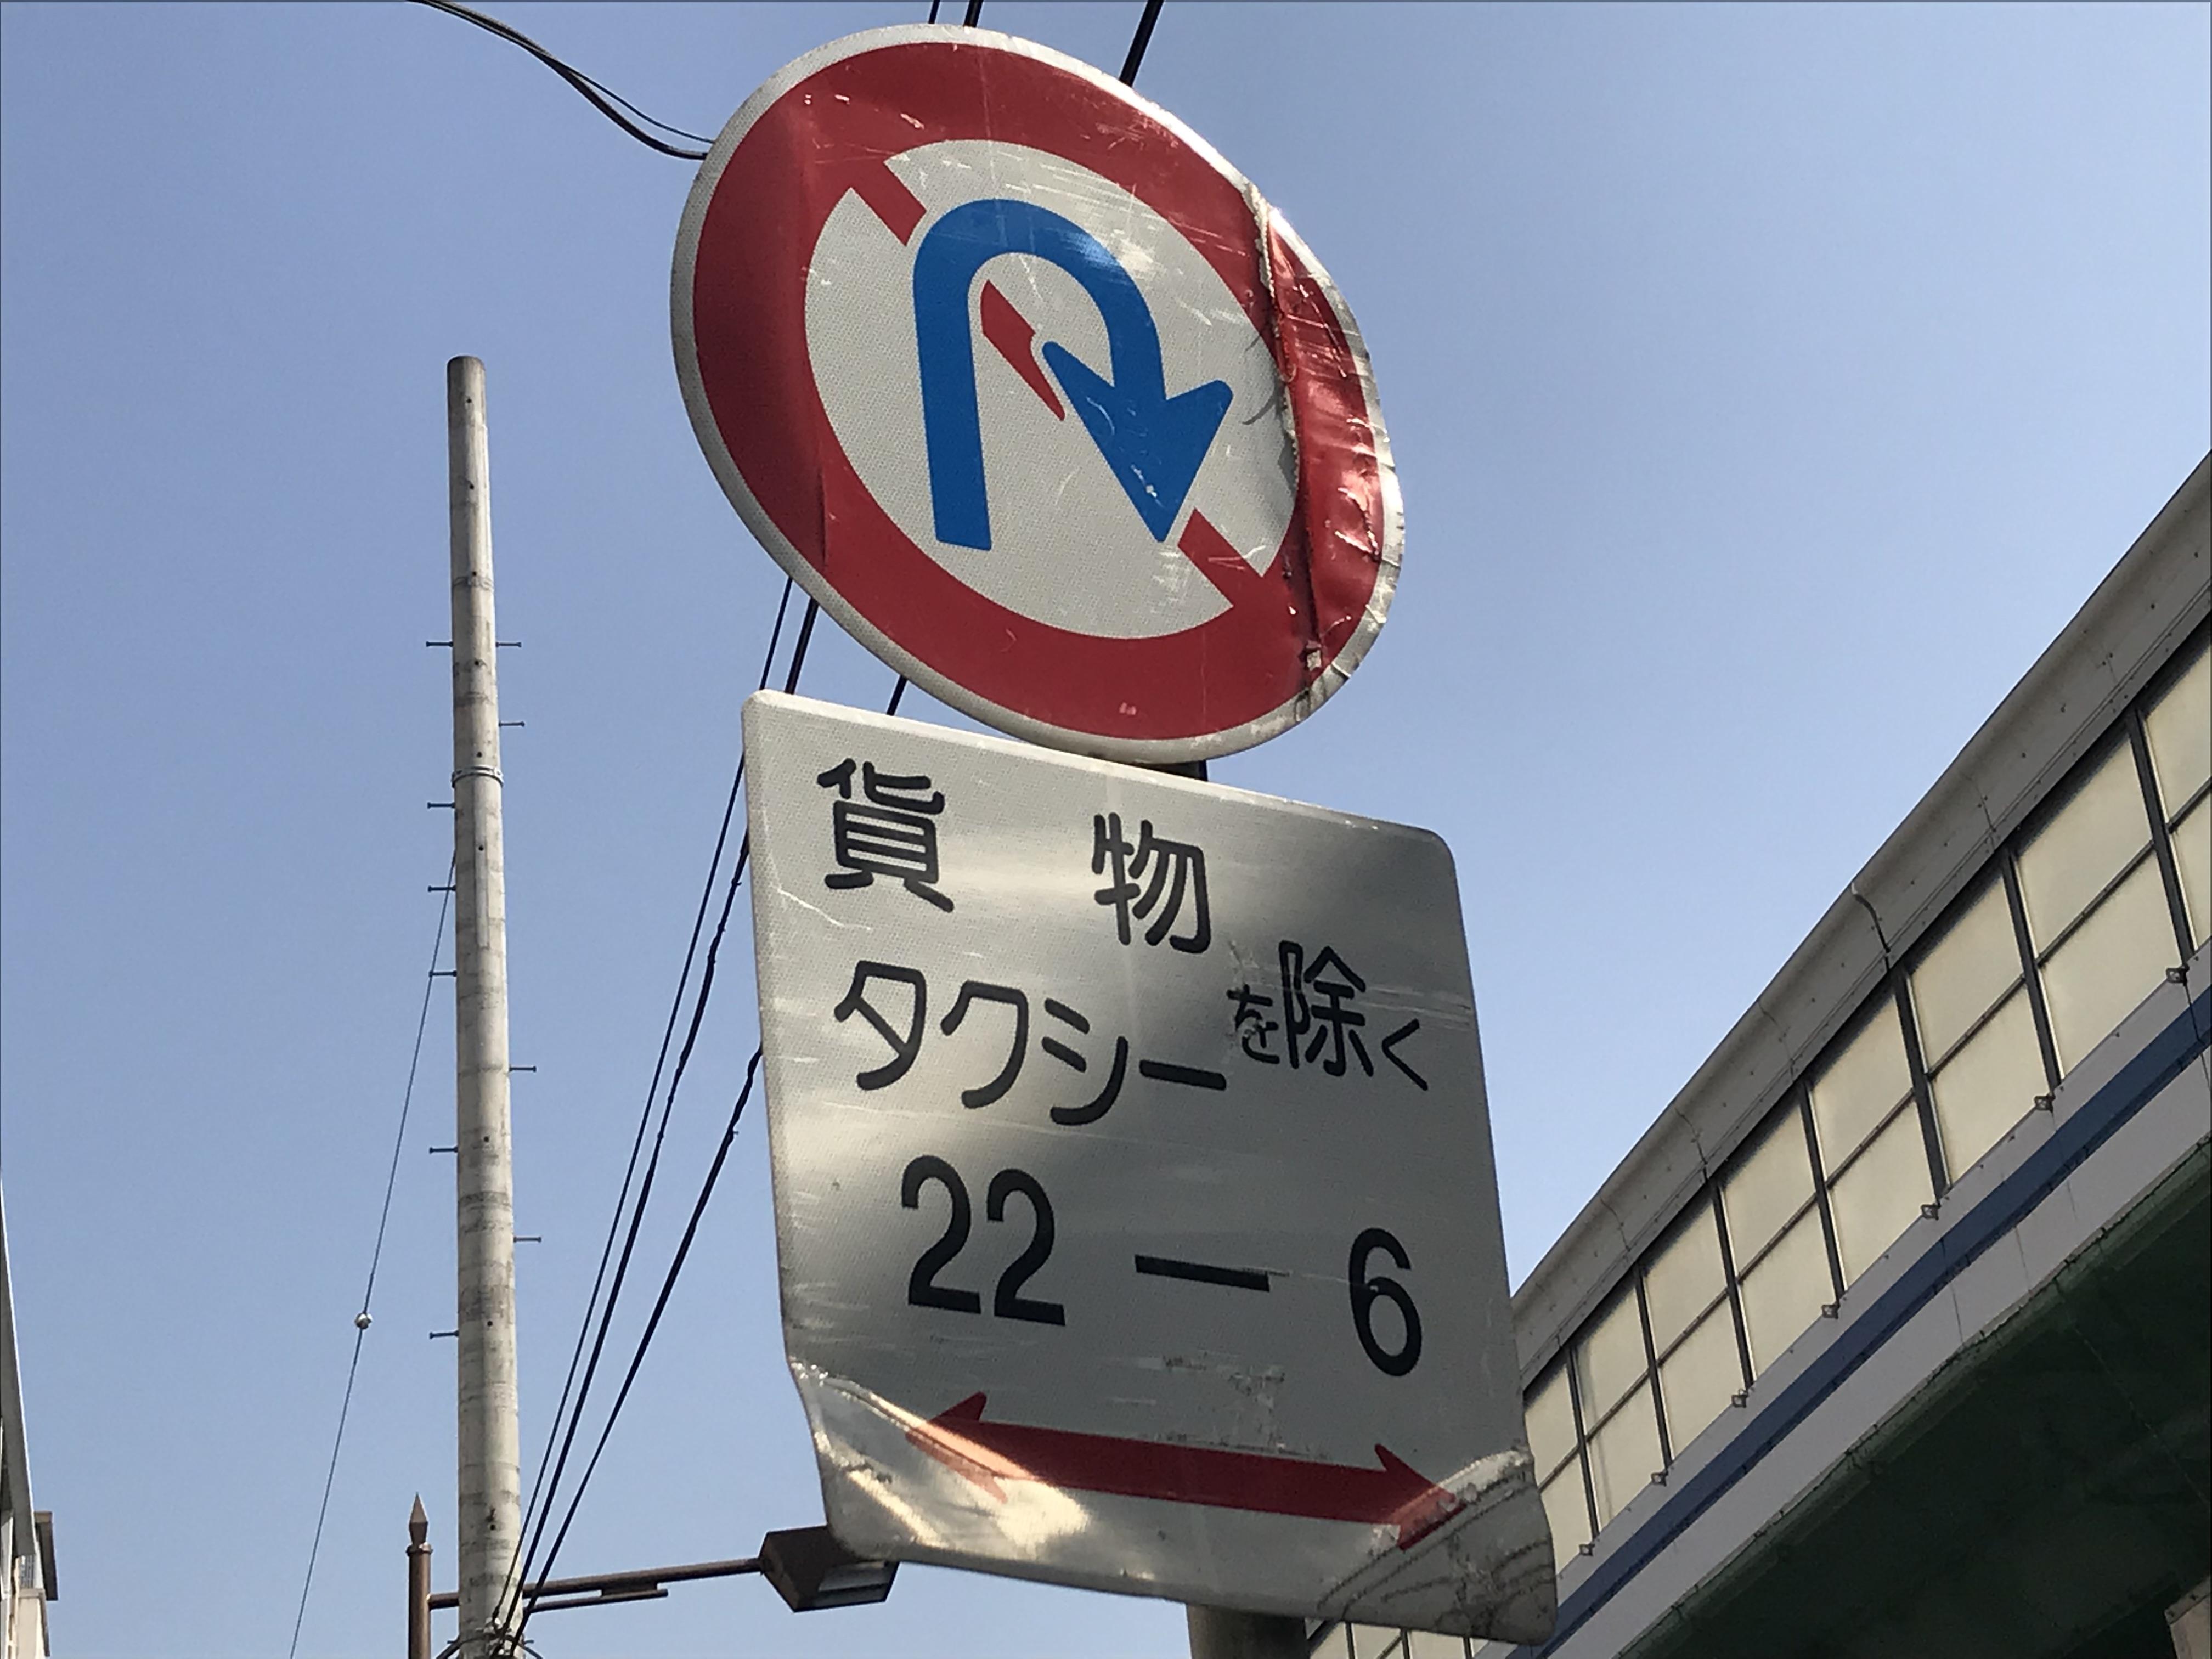 転回禁止 貨物 タクシーを除く 標識 22時から6時